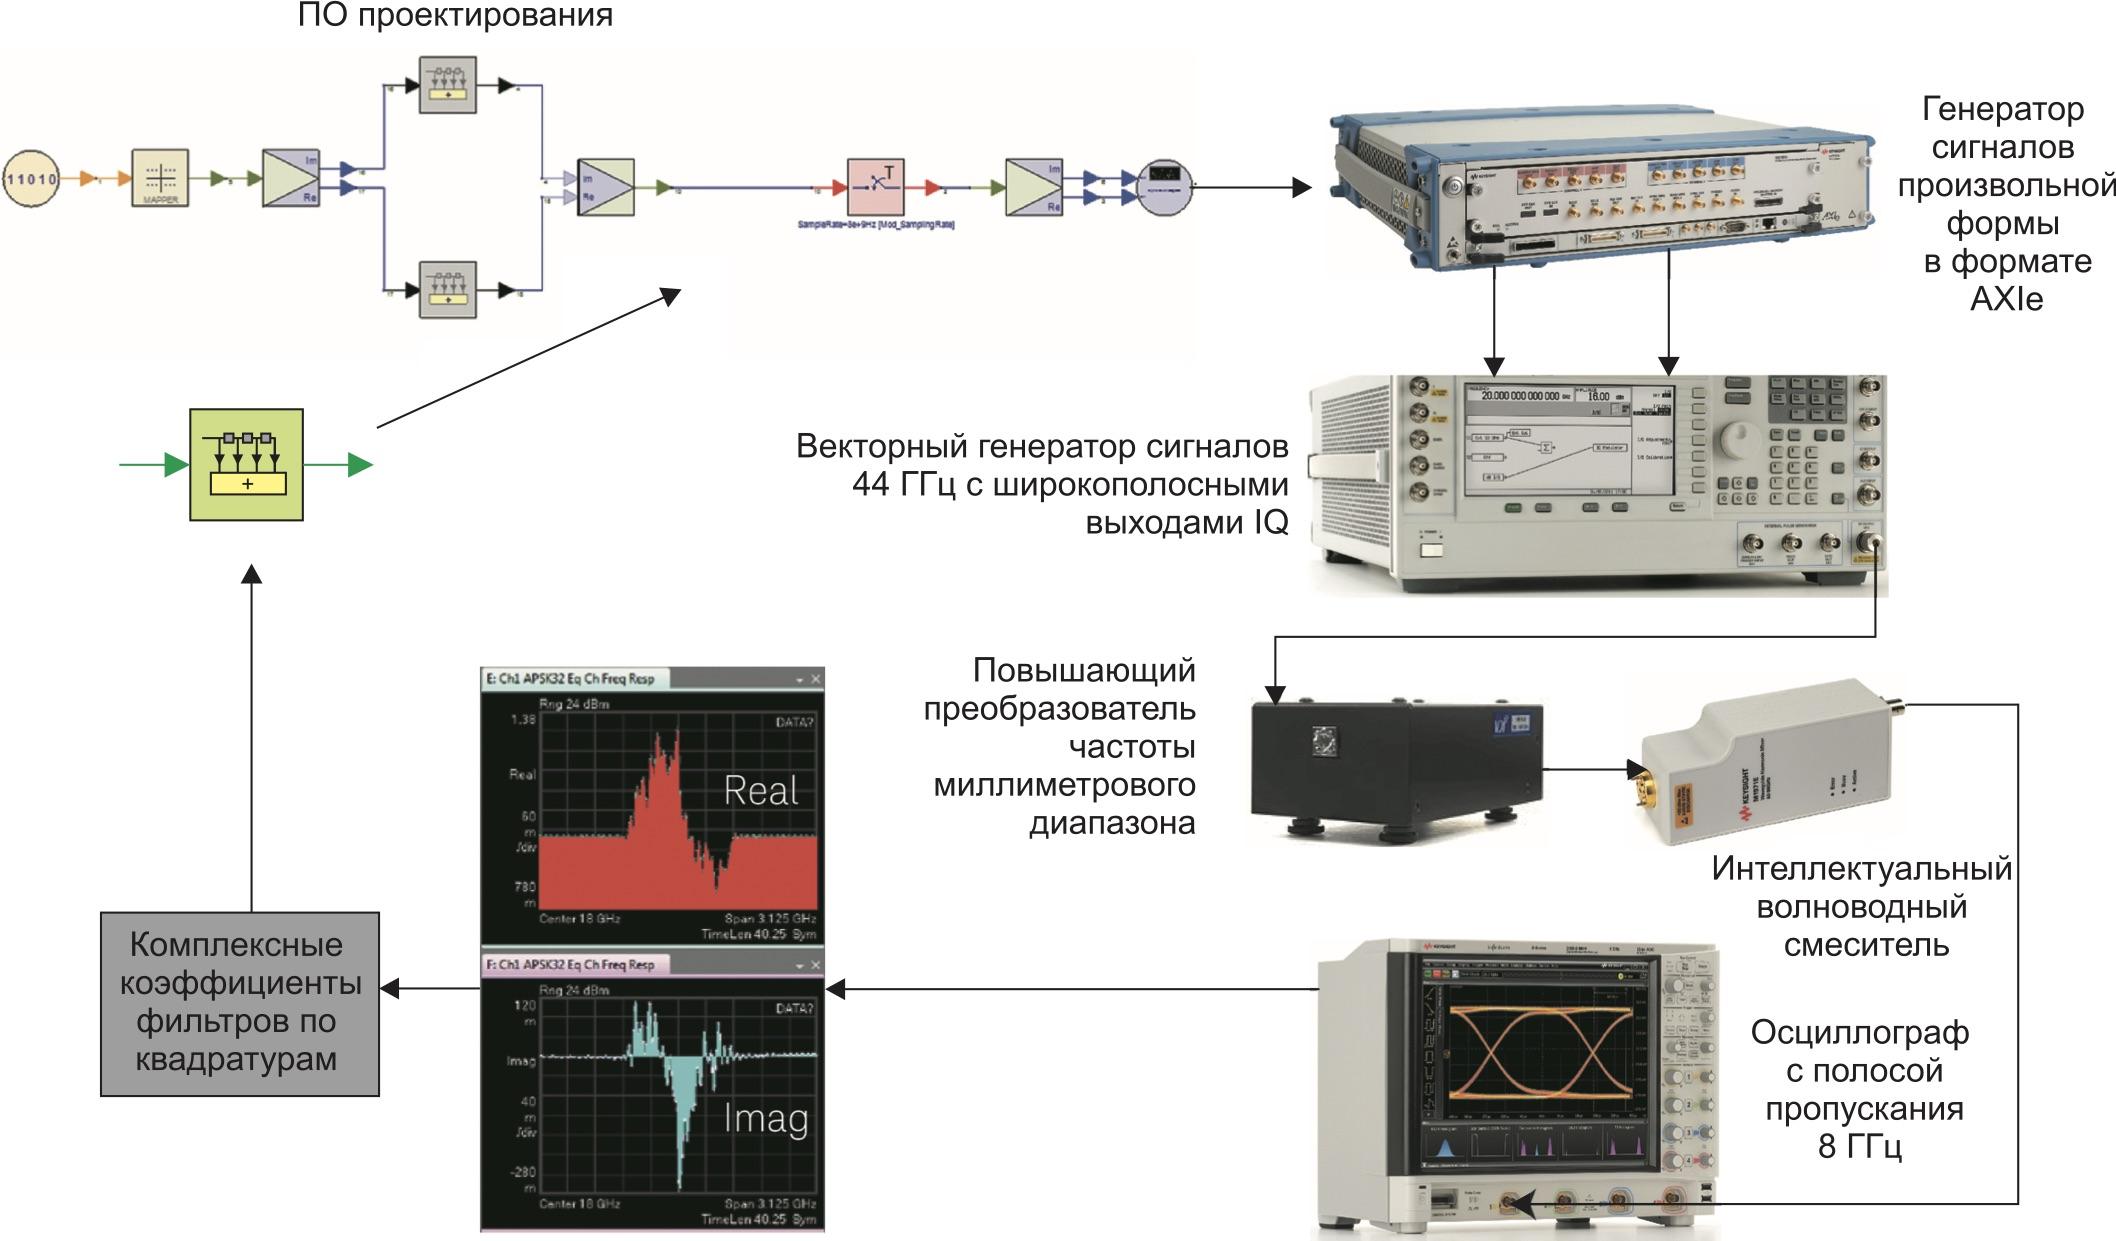 Для коррекции линейных амплитудных и фазовых ошибок испытательного сигнала используется интеграция ПО проектирования с контрольно-измерительным оборудованием